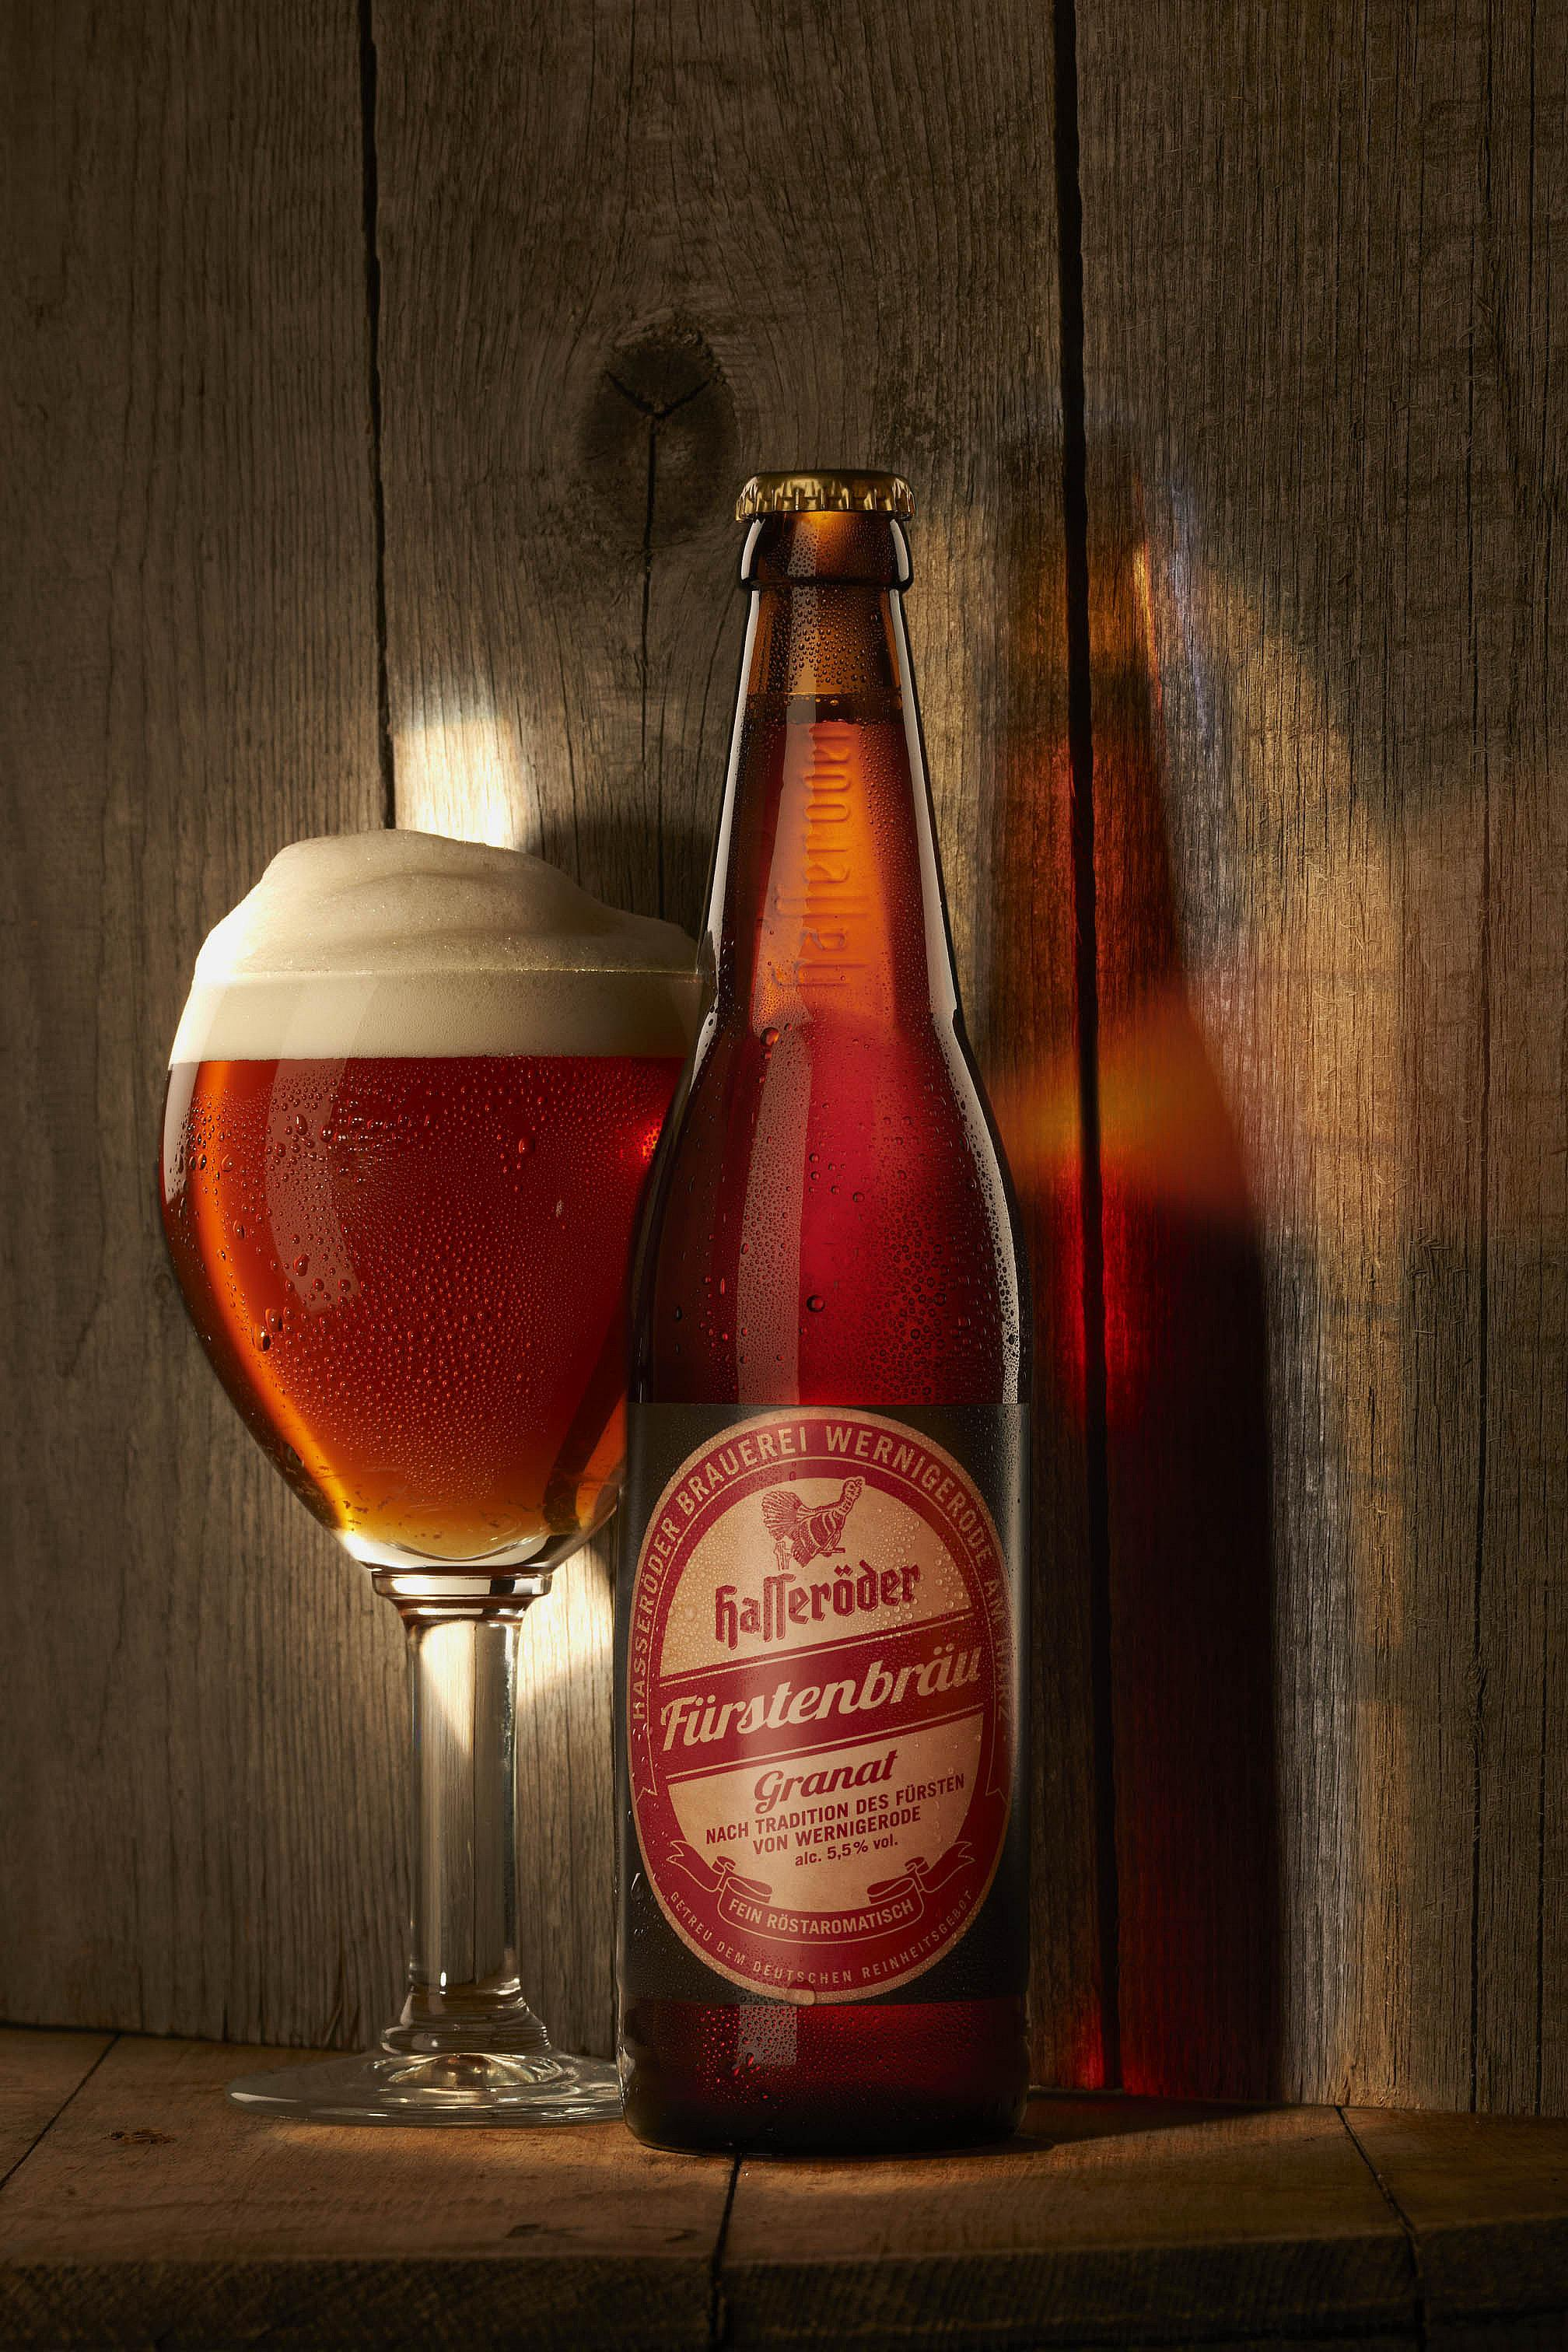 Hasseröder Fürstenbräu Glas und Flasche vor einem rustikalen Holzuntergrund